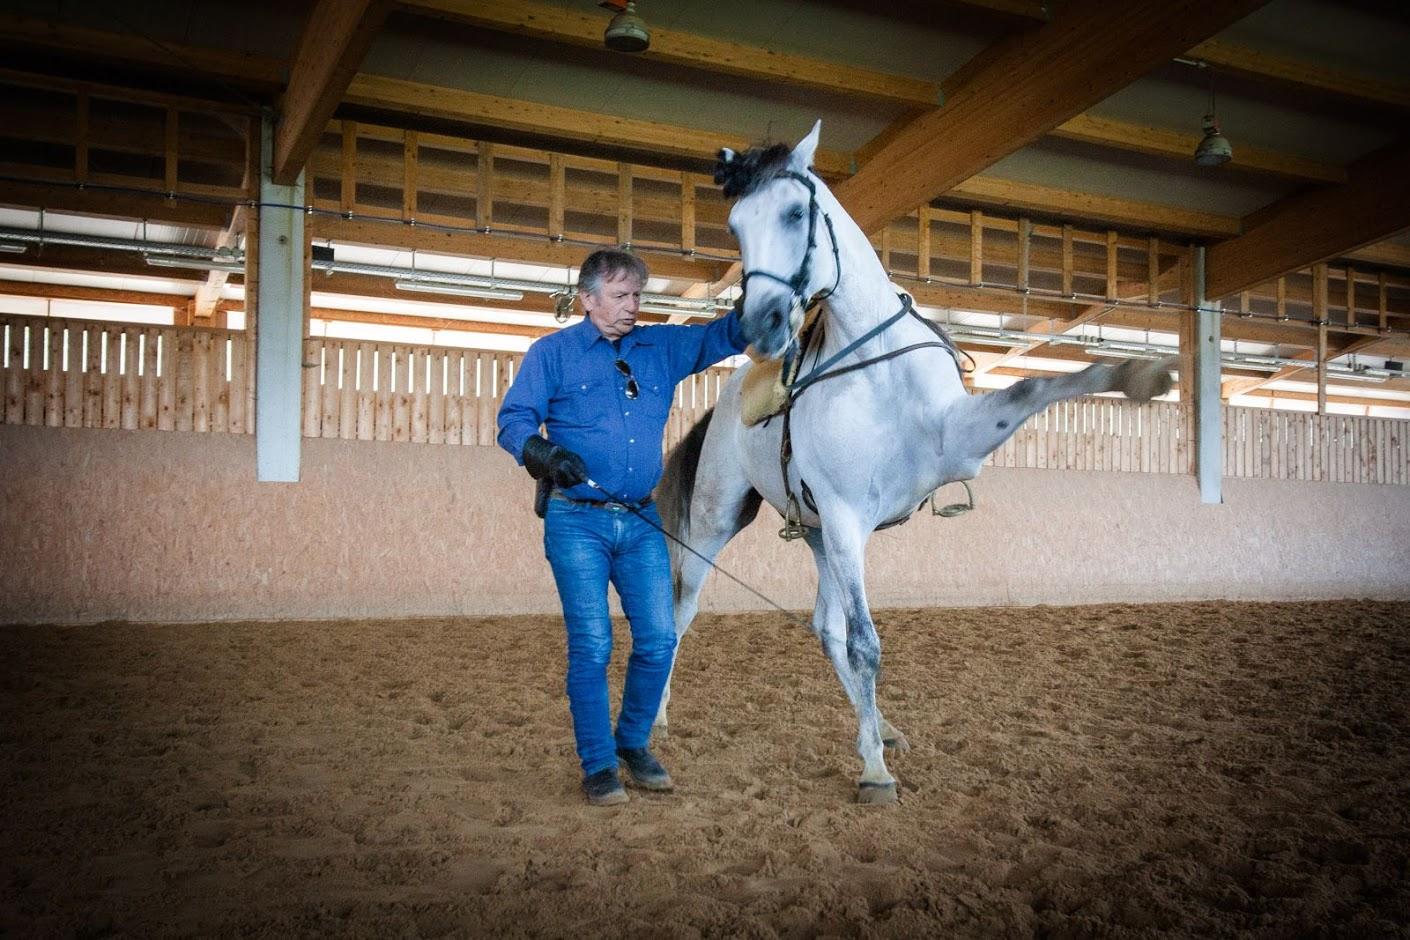 Отзыв о поездке c EquiLife.ru на семинар Ани Беран - фото IMG_0543, Аня Беран главная События Тренинг , конный журнал EquiLIfe